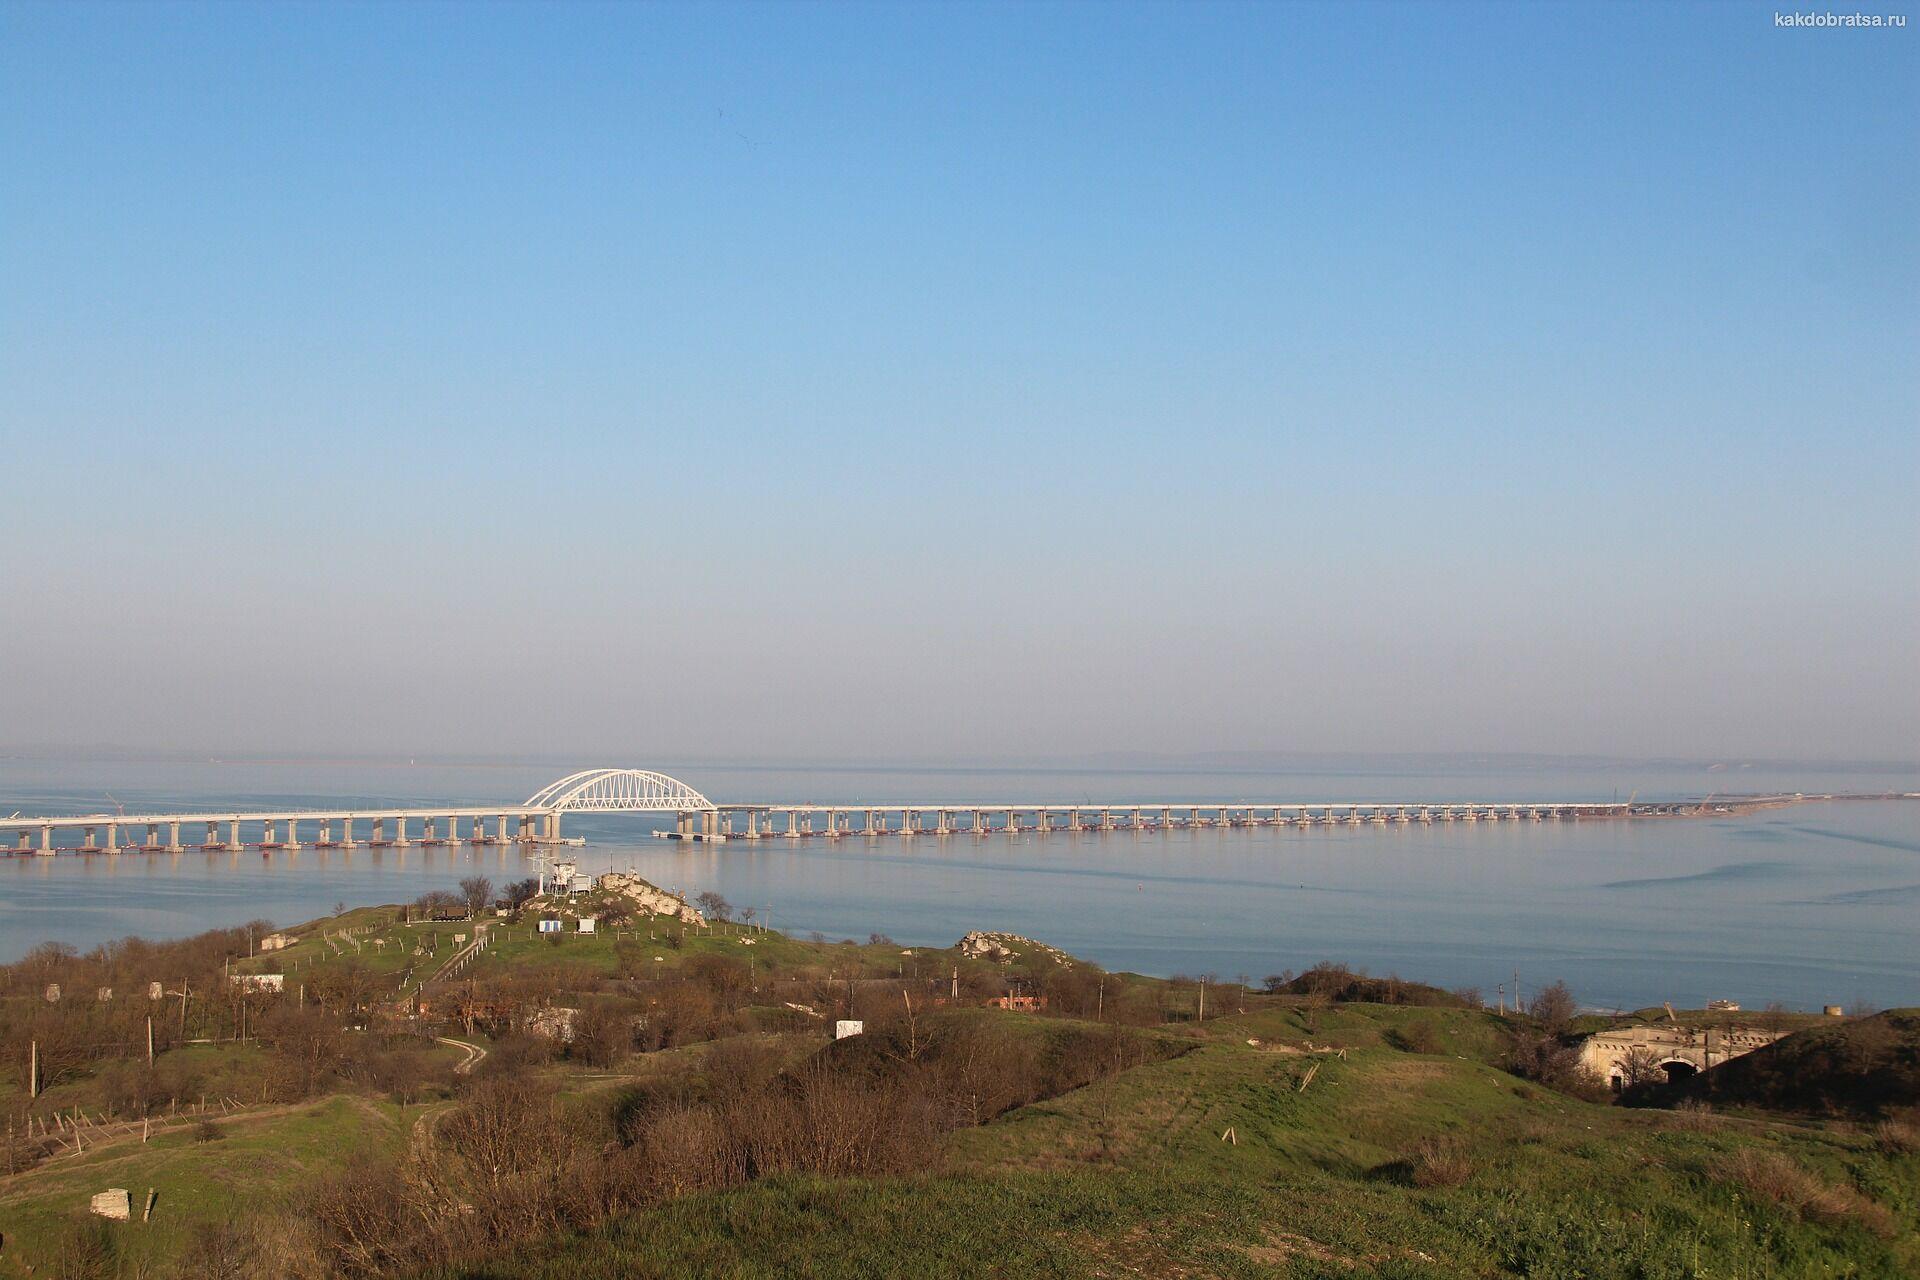 Автодорога из Воронежа в Крым